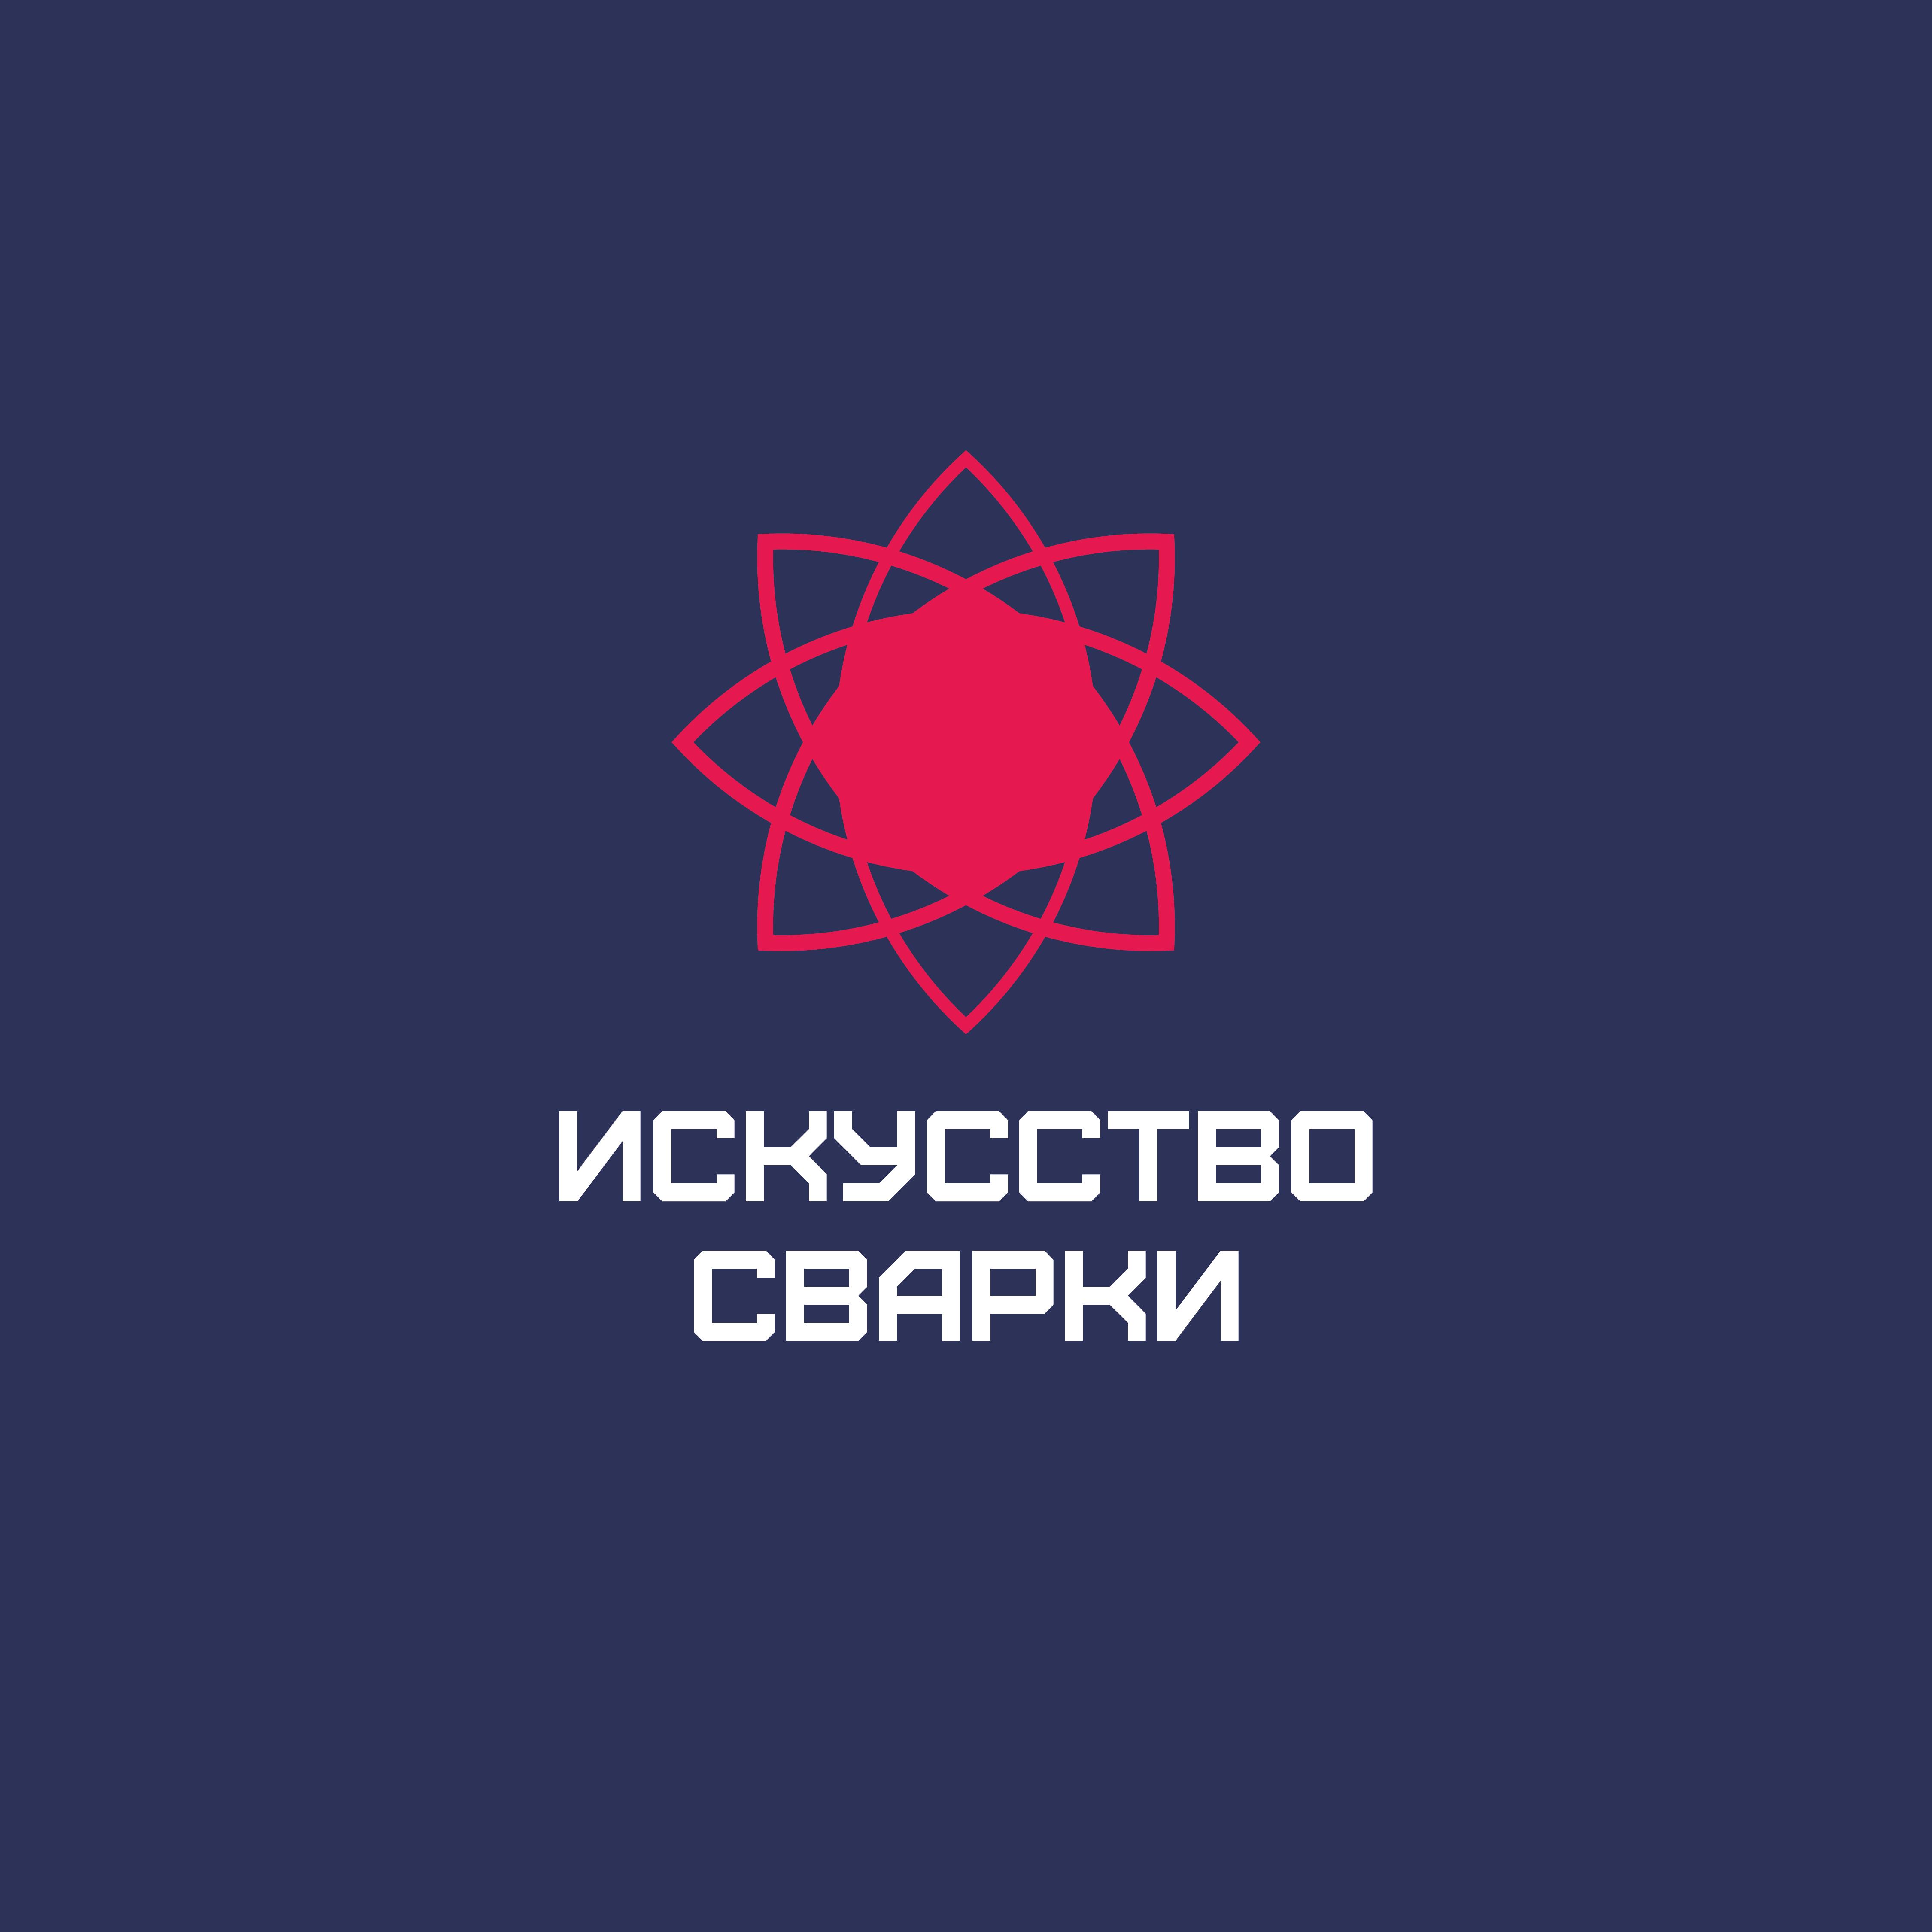 Разработка логотипа для Конкурса фото f_1915f6d8ceca1673.png